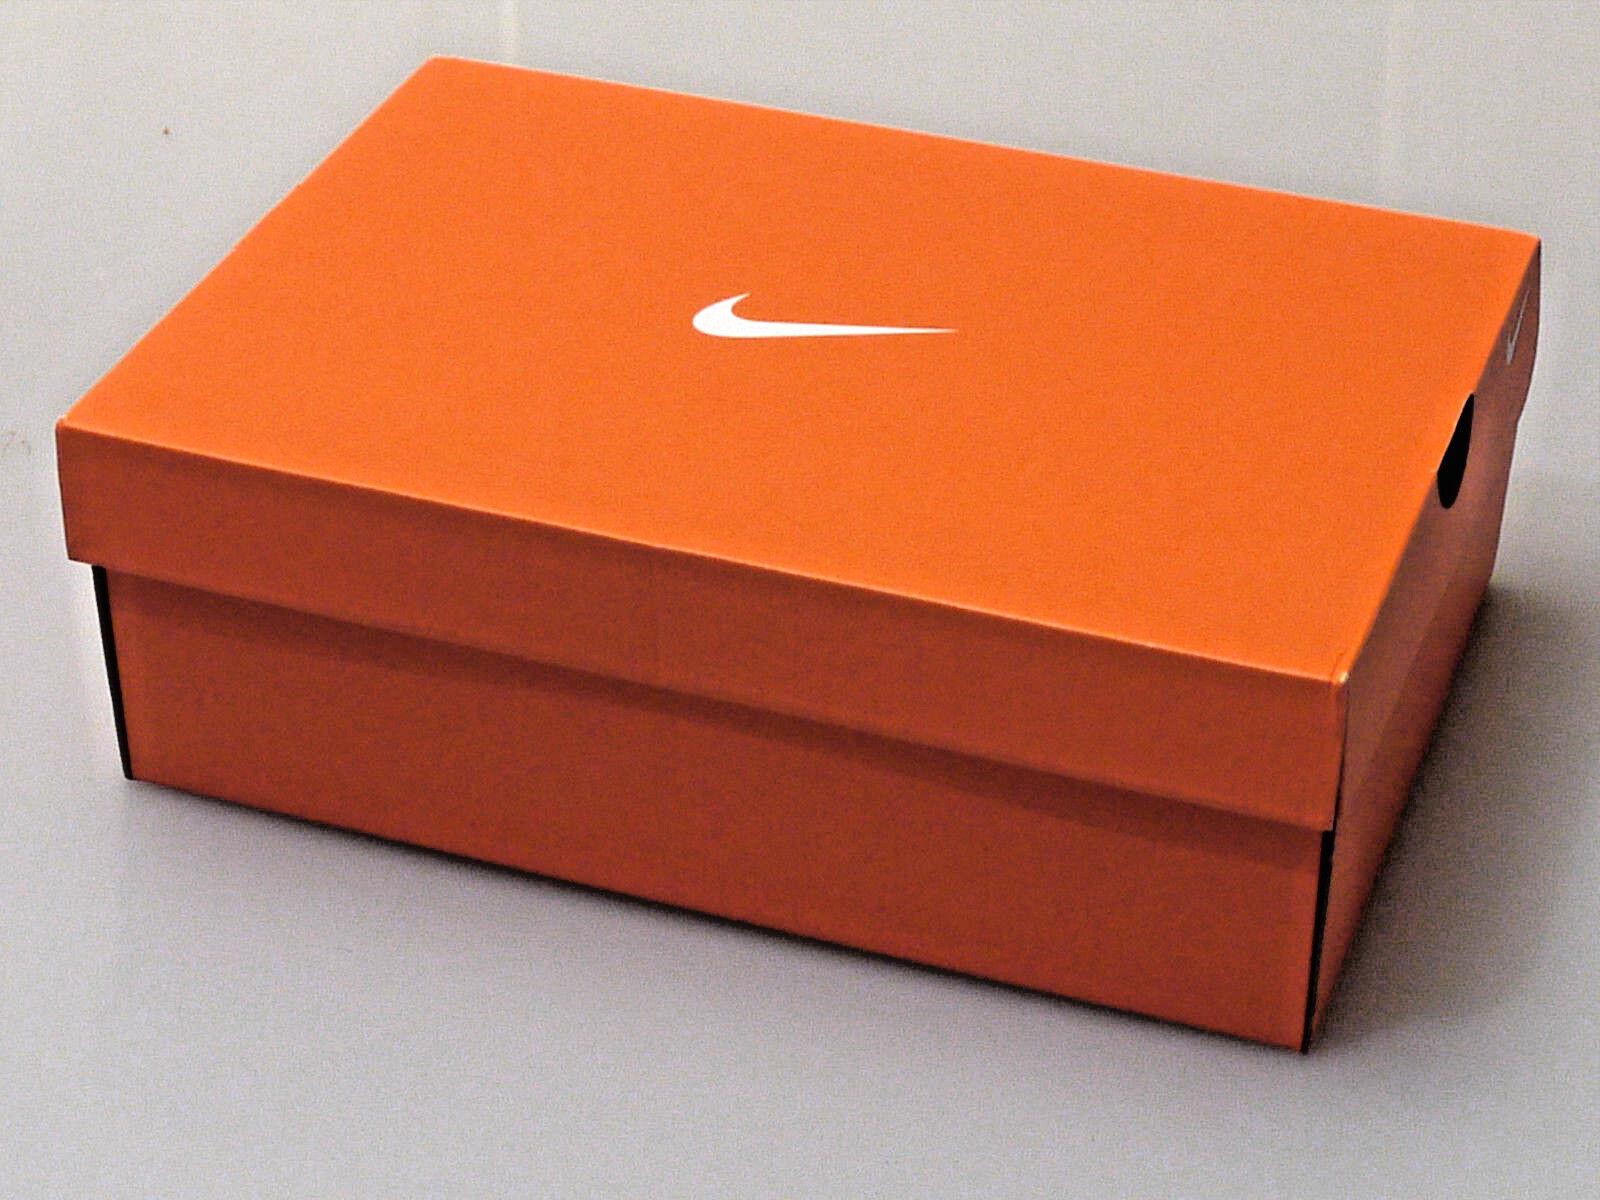 Nike Flystepper 2k3 PRM Uomo Scarpe sportive alte 677473 602 da ... b23947a3155